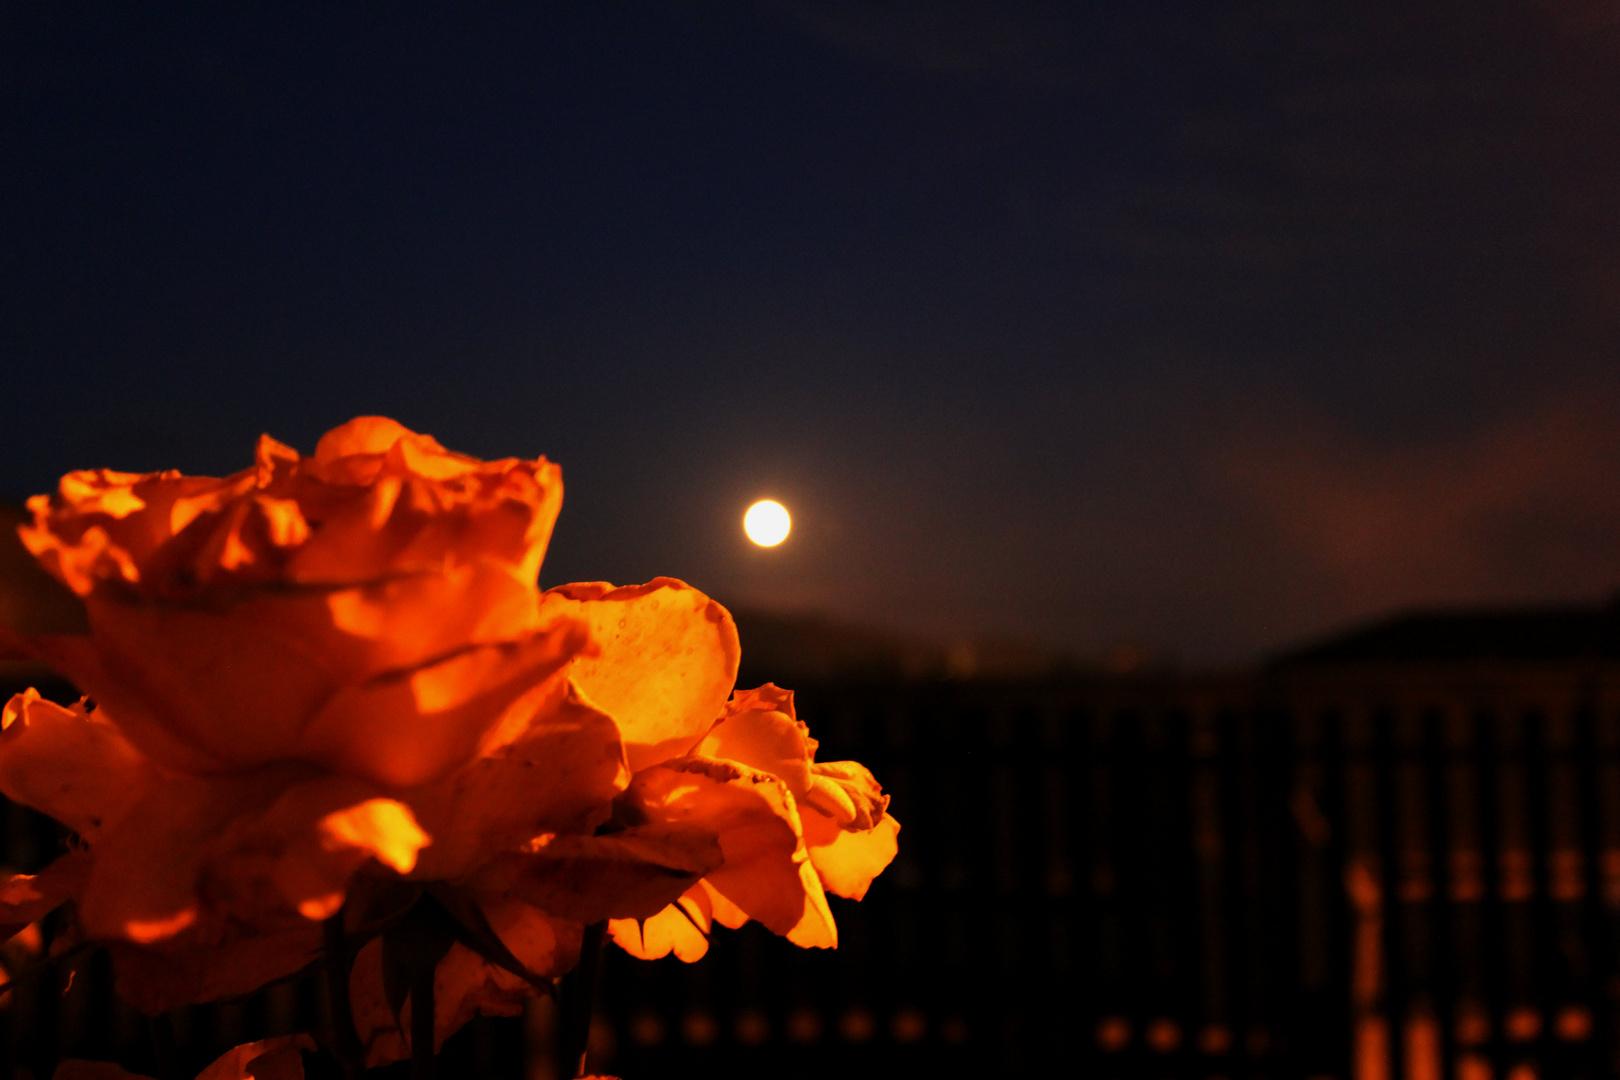 luna rose